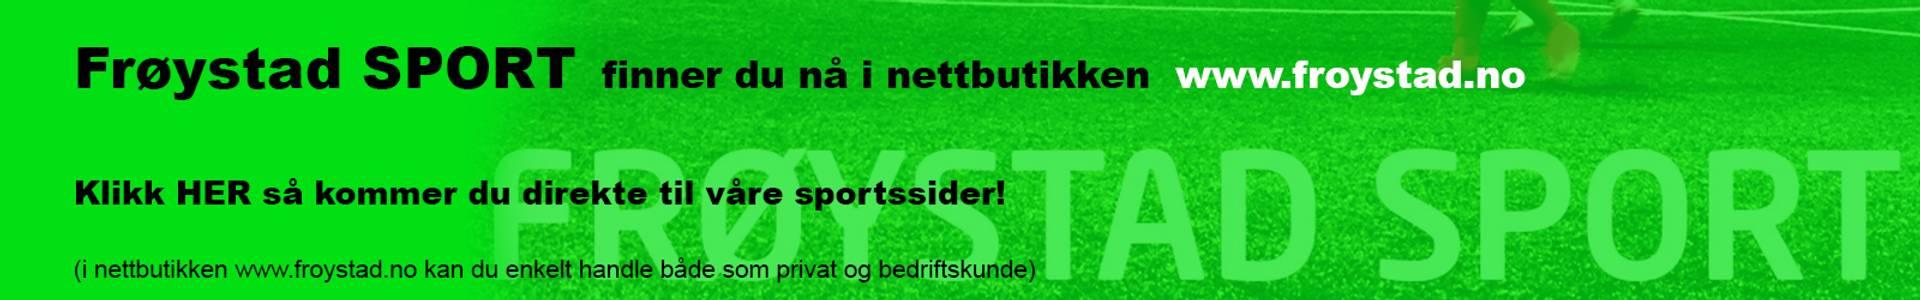 Frøystad sport fotballpartner vannsport barneutstyr